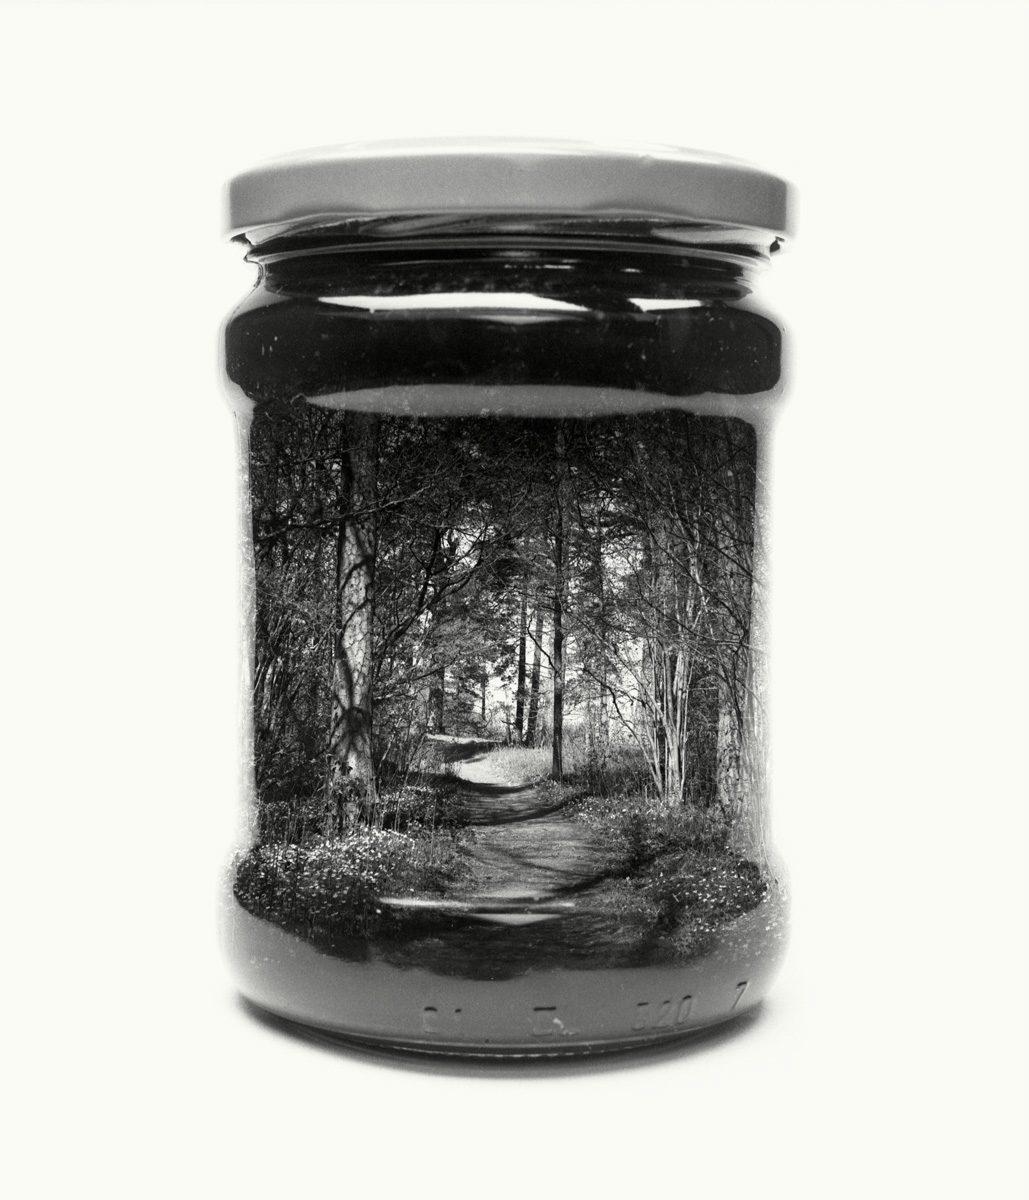 paysage-finlande-bocal-03